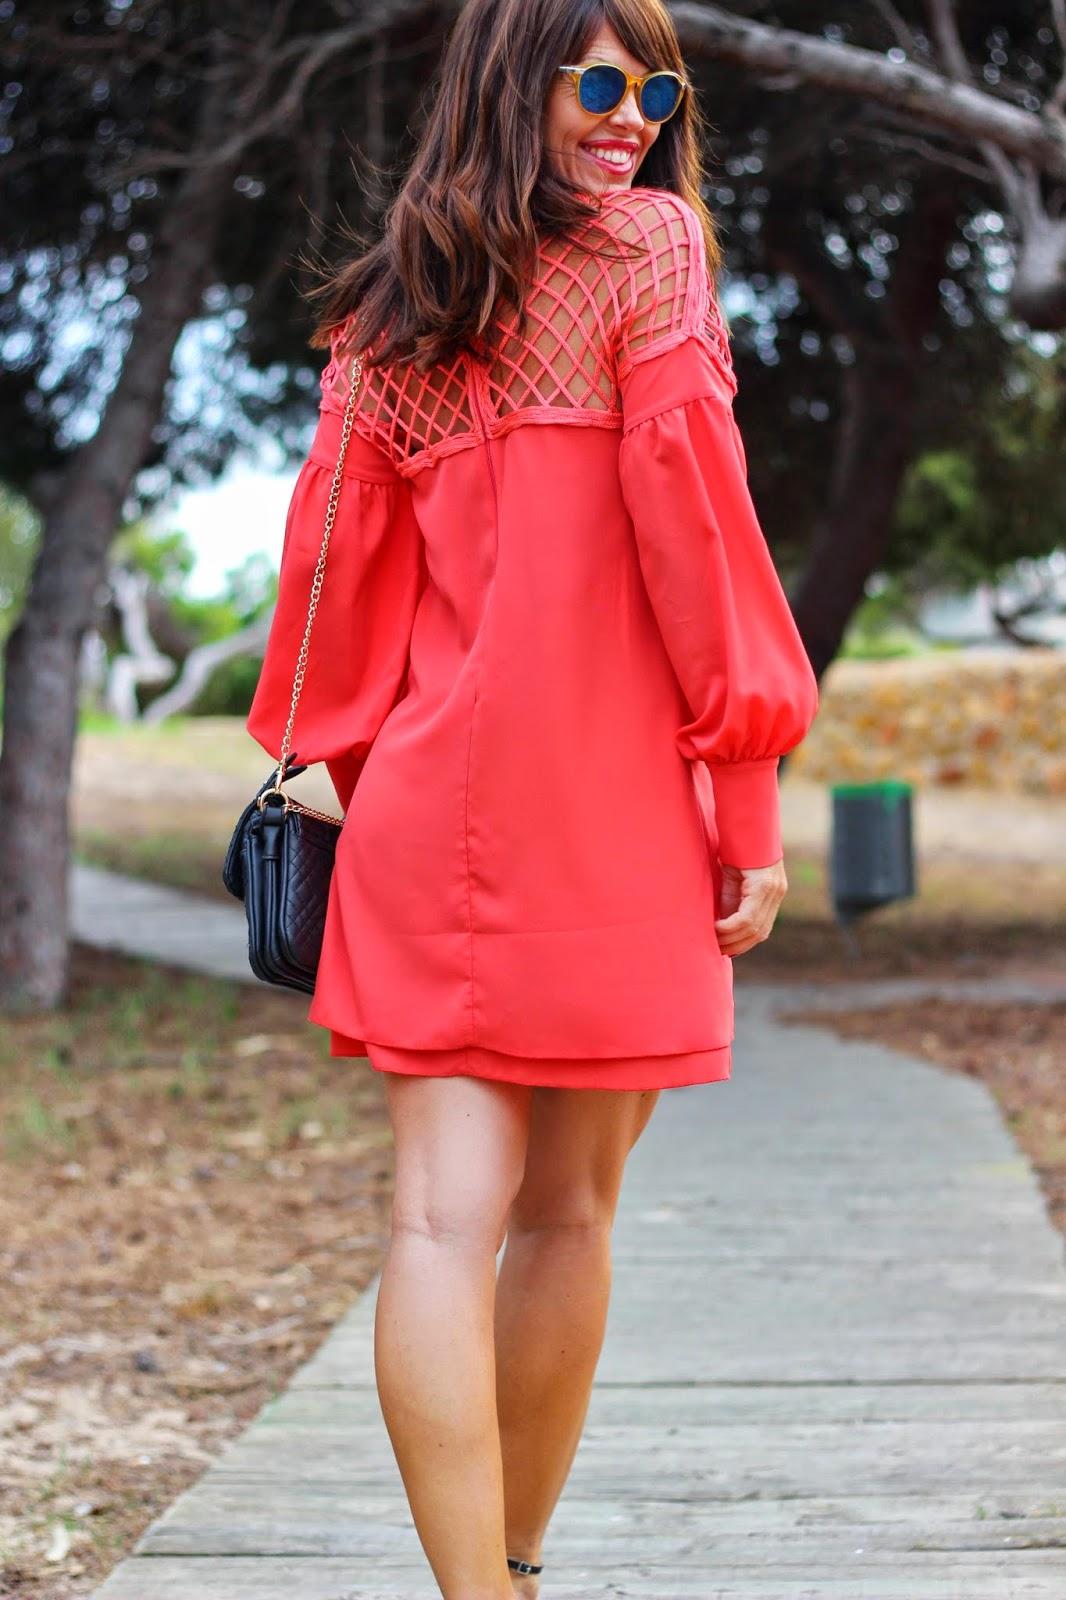 Vestido  Denny Rose Primavera 2014 - Coral - Tendencias 2014